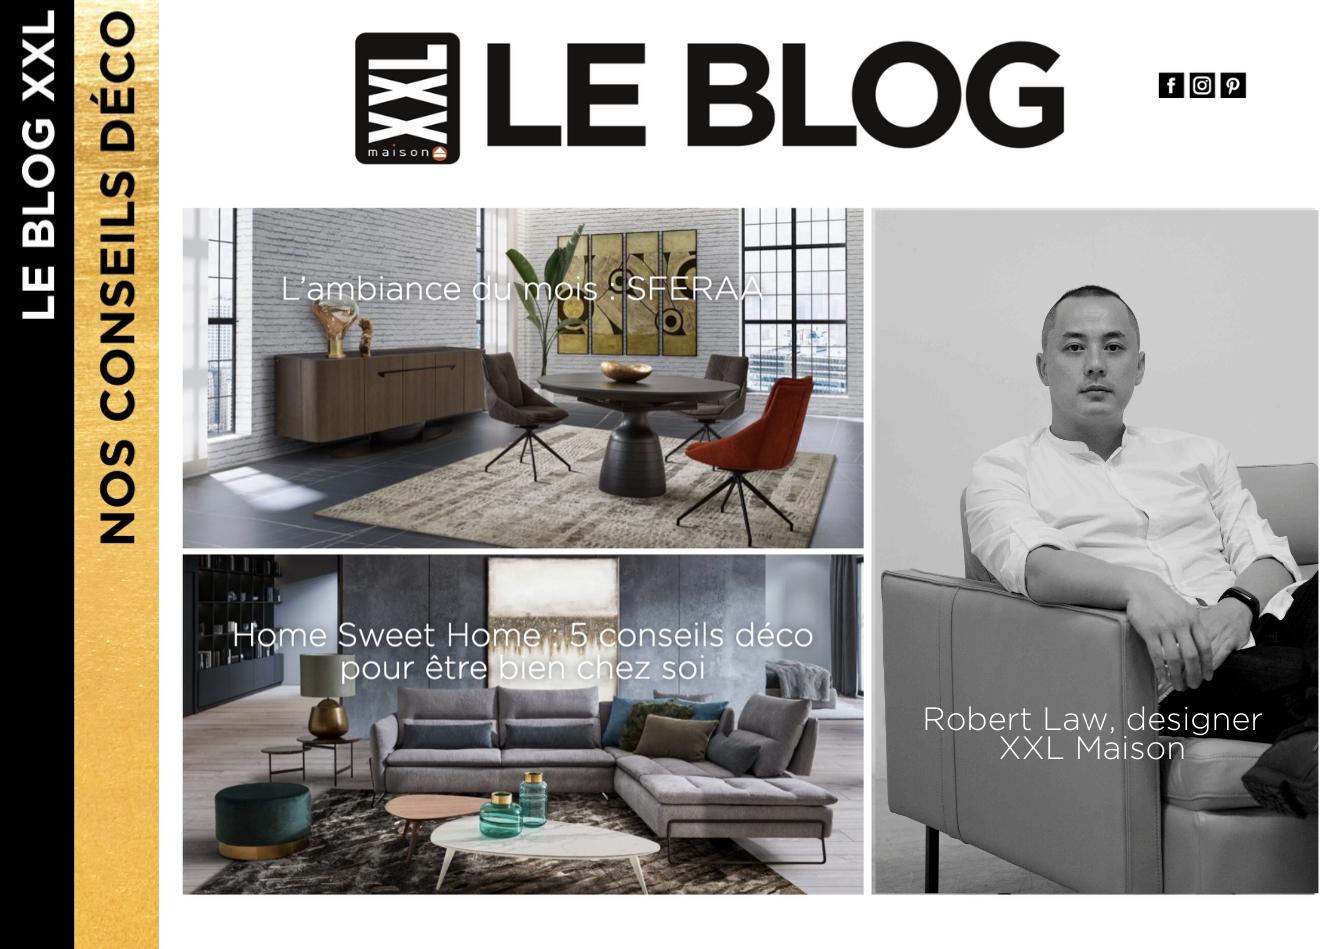 xxl maison meuble design